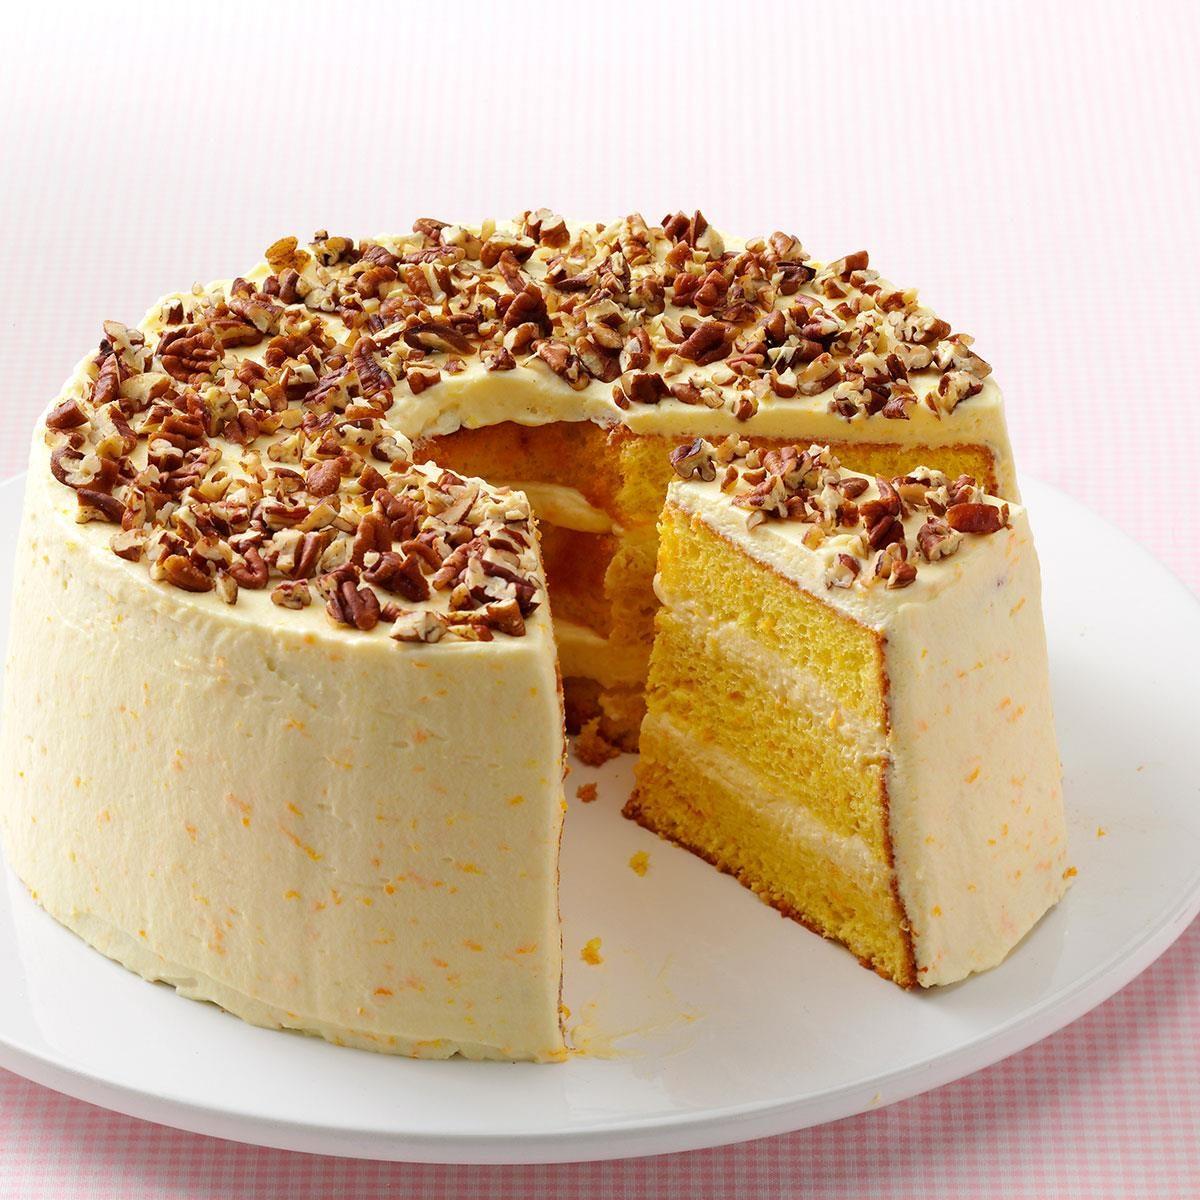 How To Bake Sponge Cake In Cooker